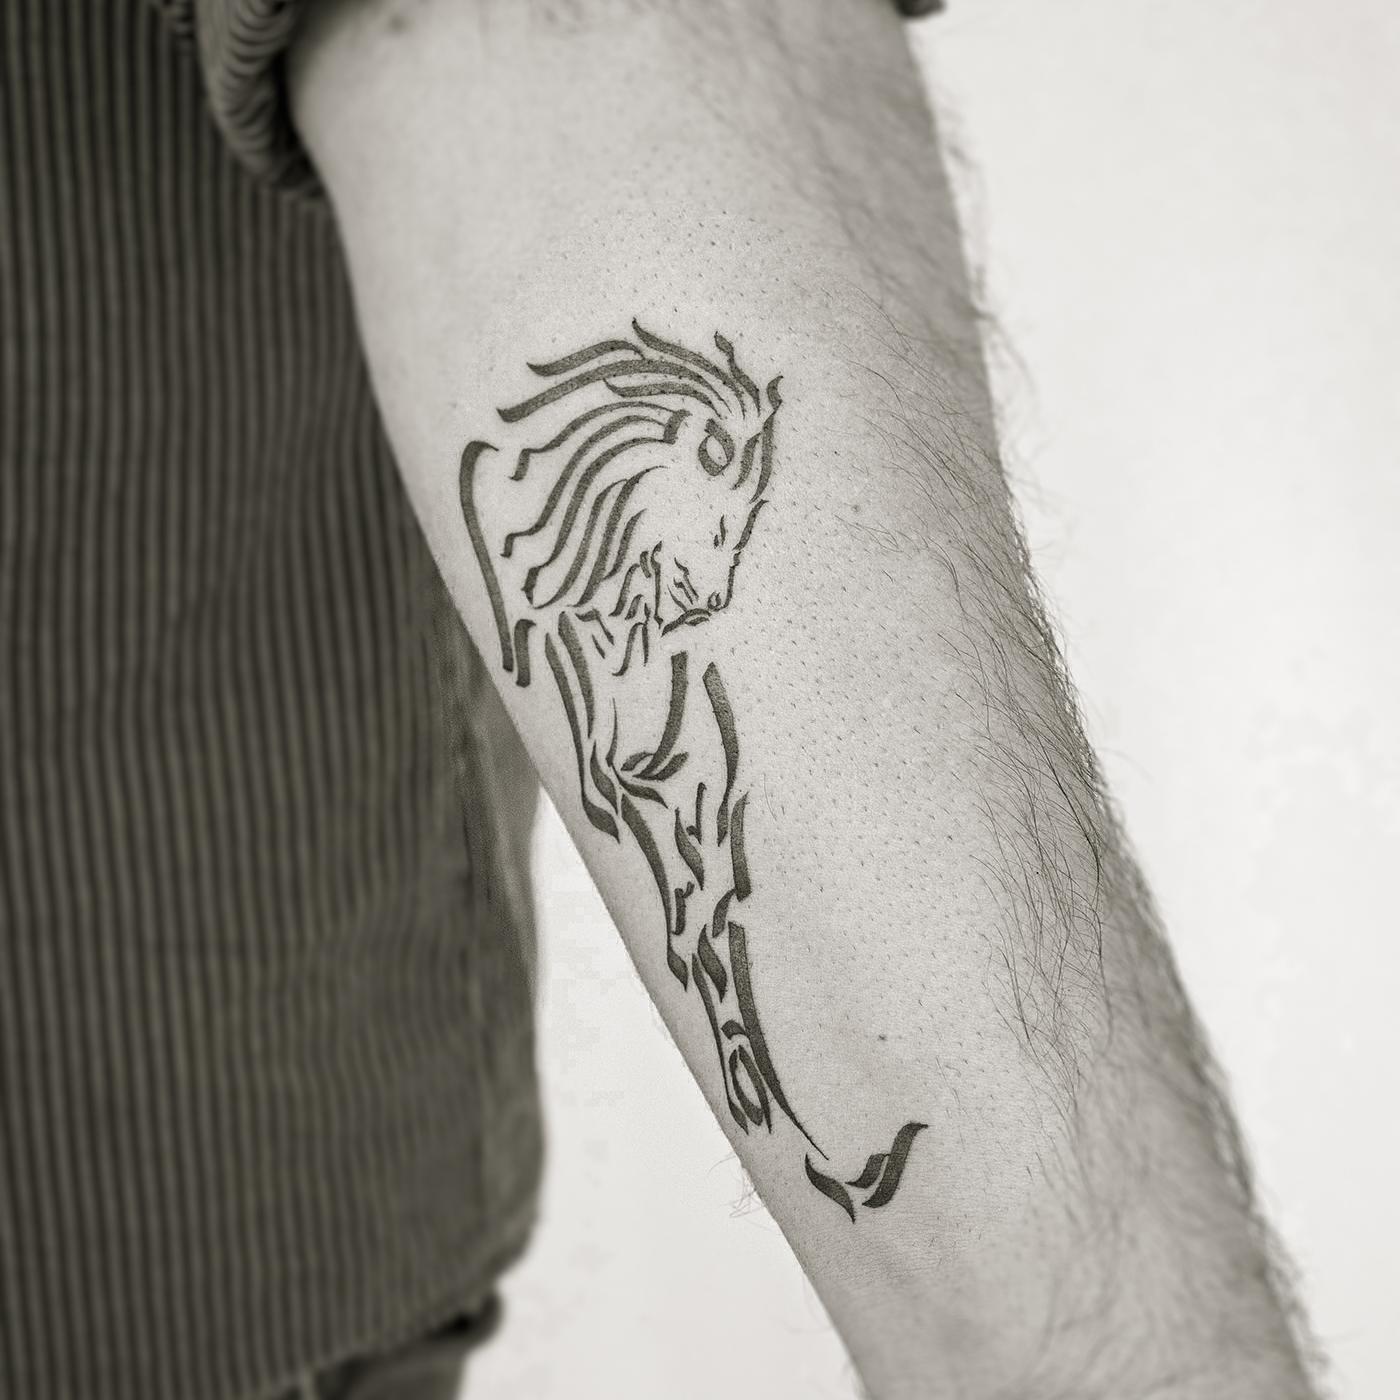 Tattooed in Stuttgard by BEN